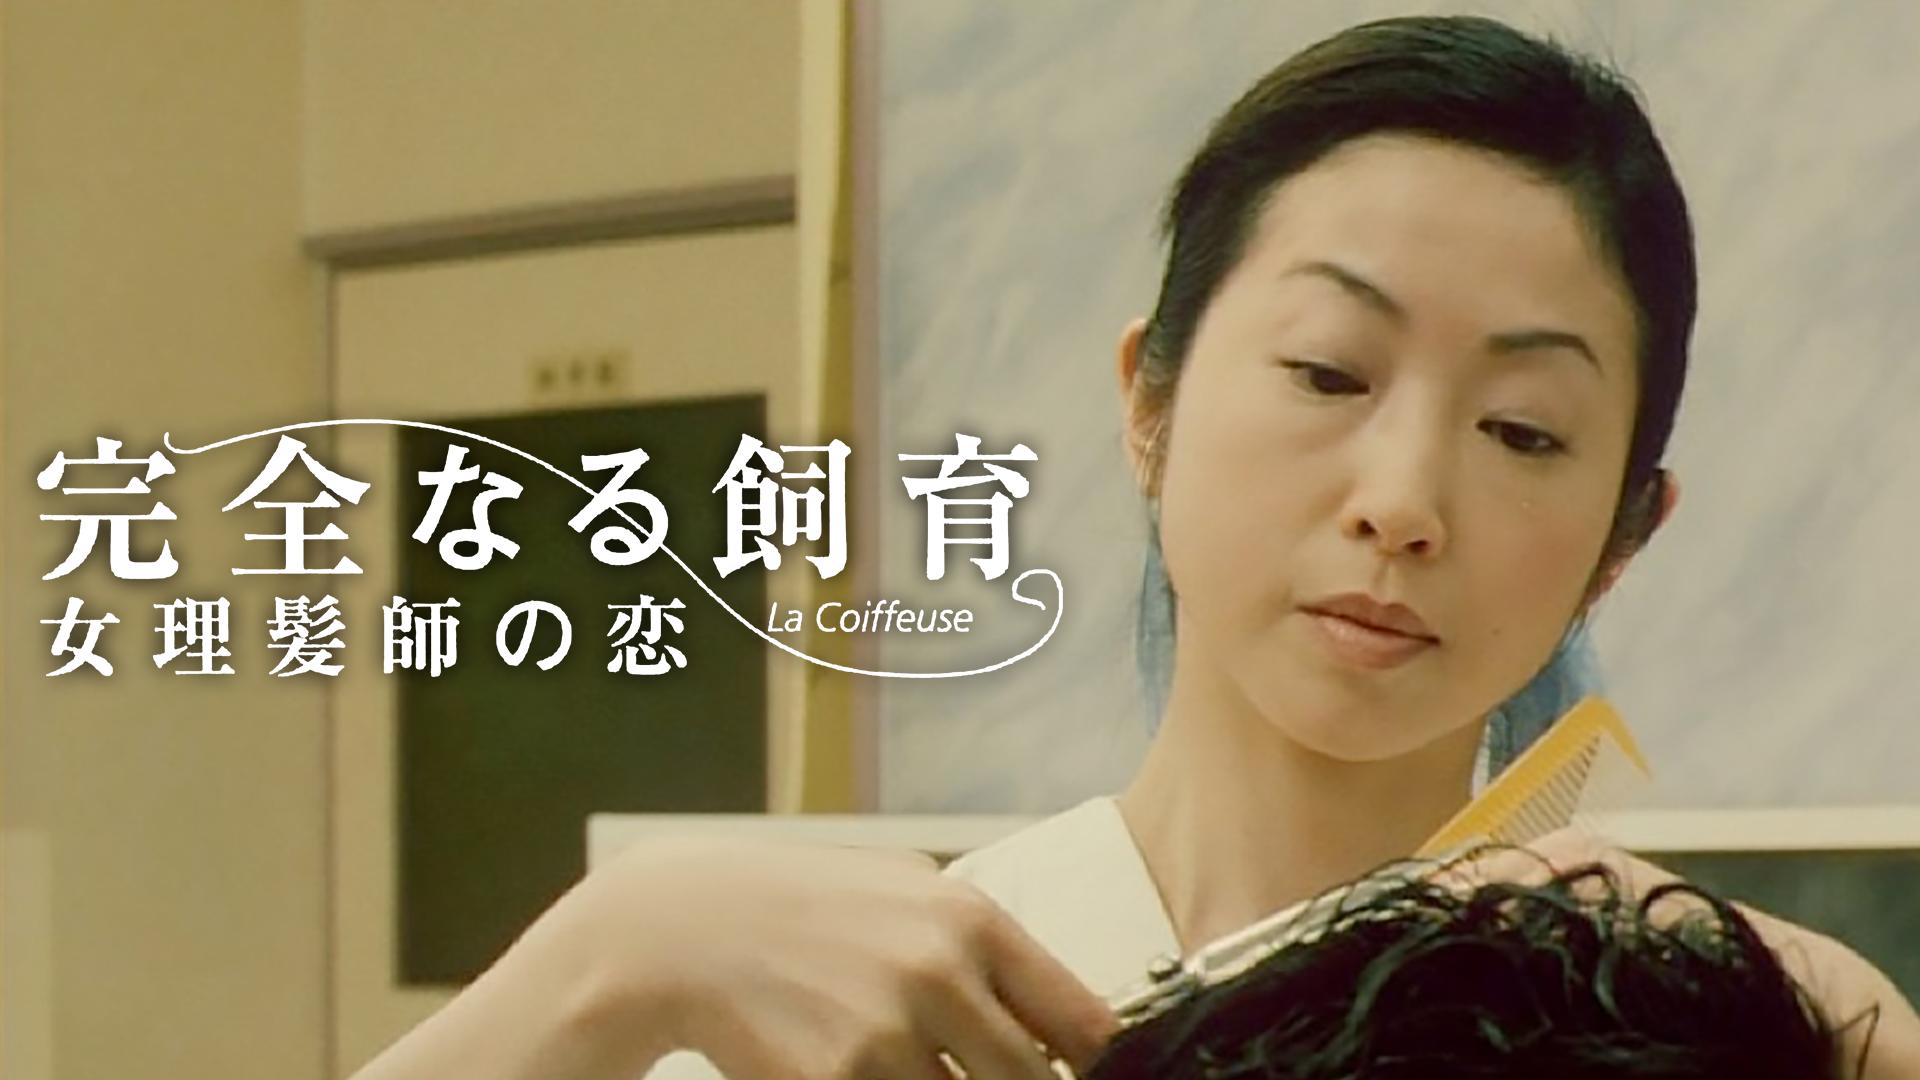 完全なる飼育 女理髪師の恋(映画)無料動画フル視聴!荻野目洋子の実姉が濡れ場に挑戦!